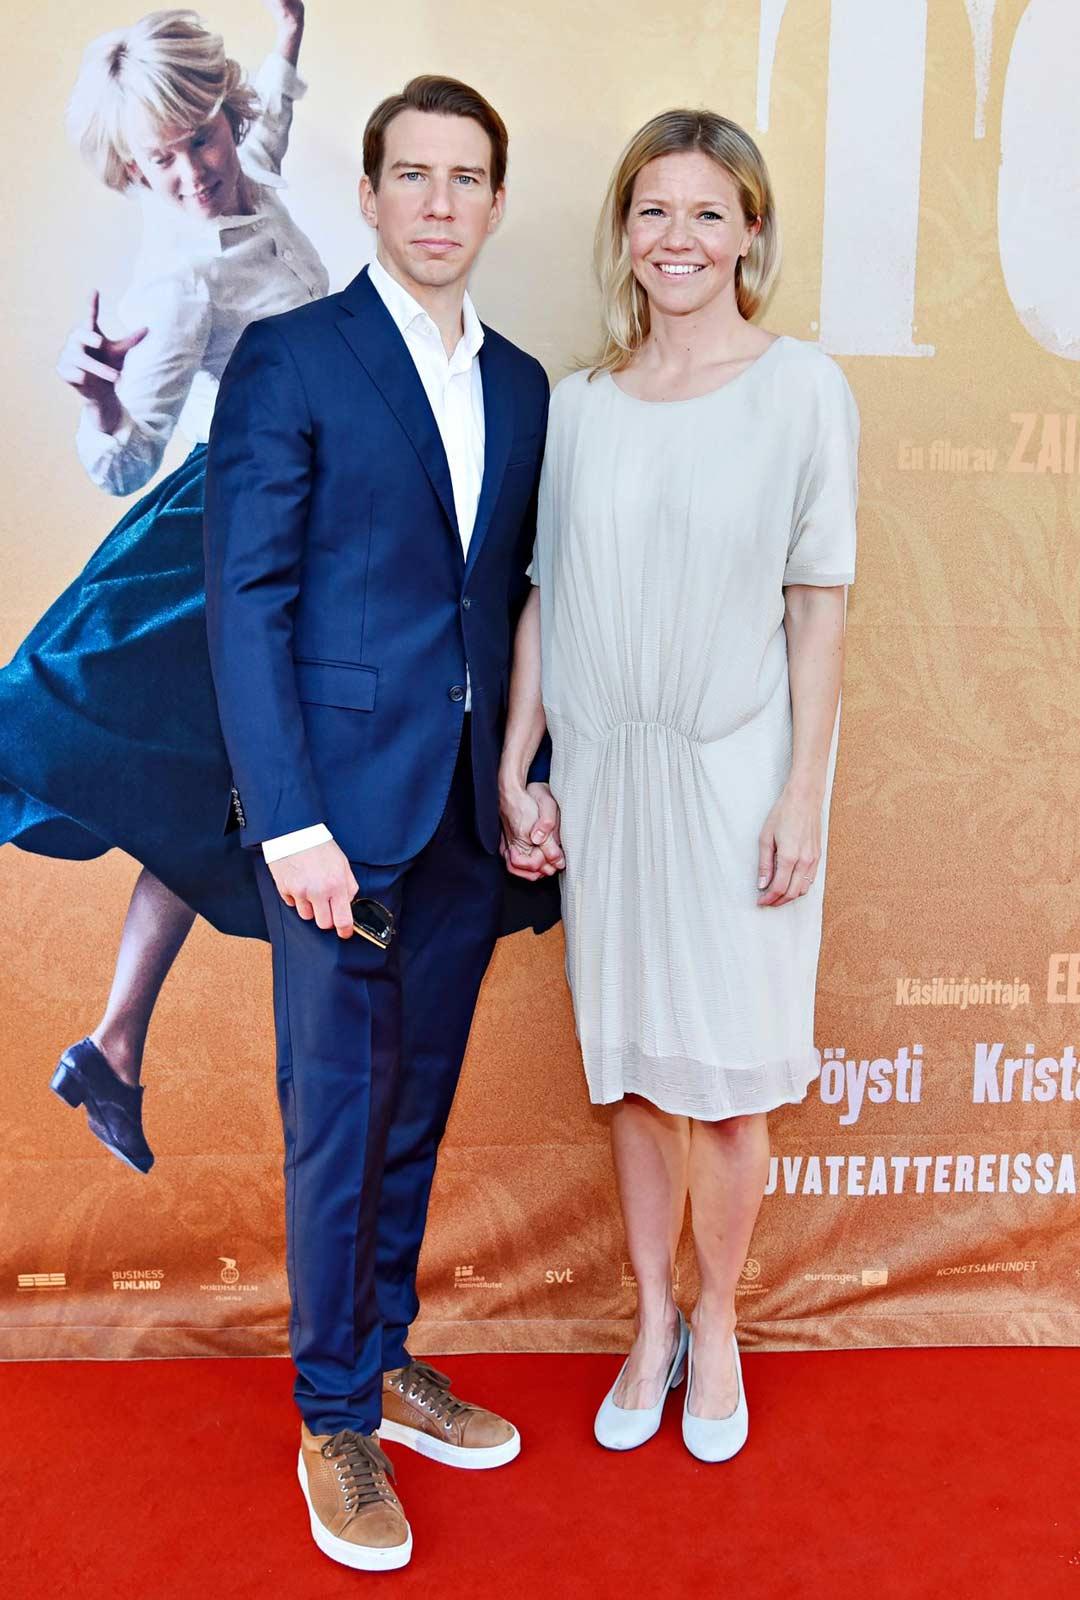 Aku Hirviniemi ja juontaja Sonja Kailassaari.